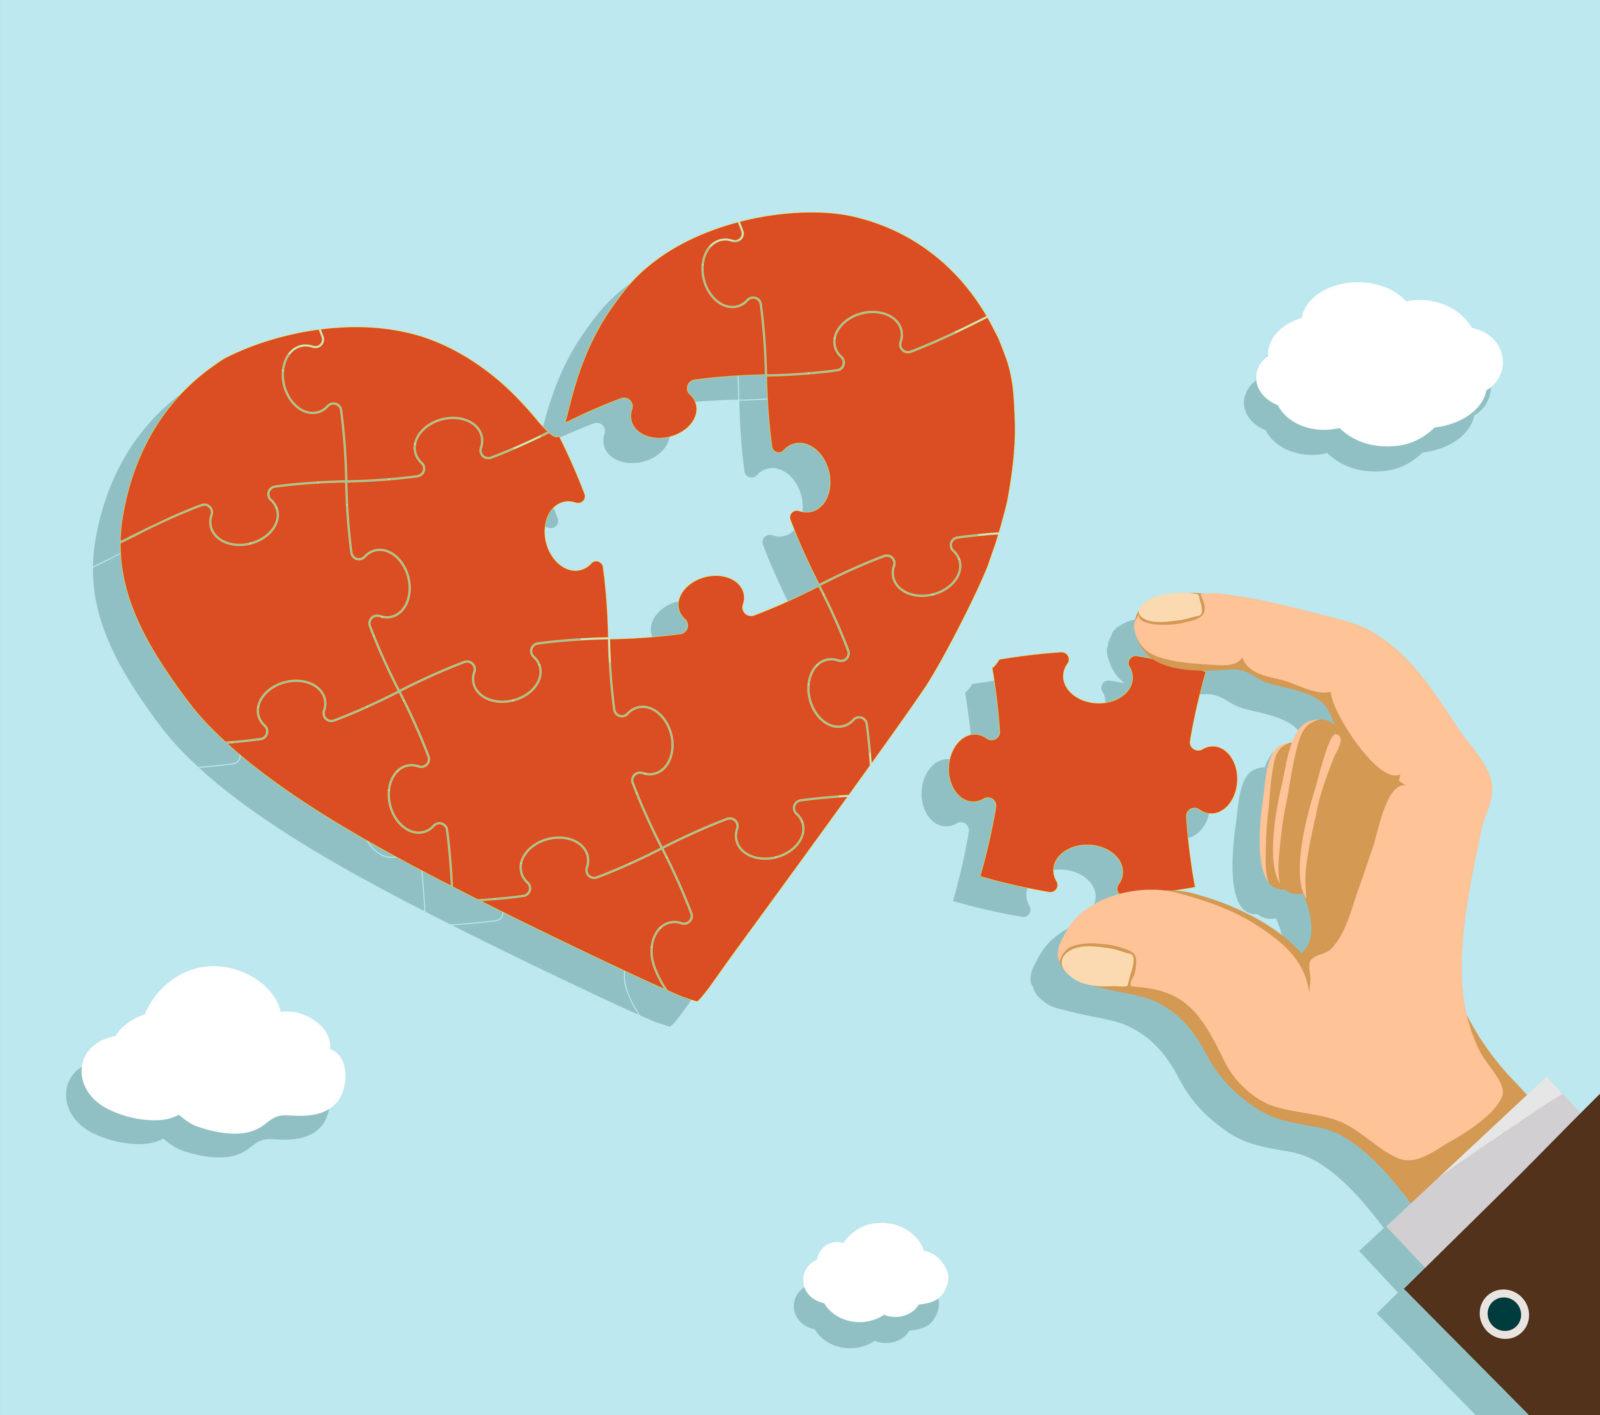 Découvrez Cardiosens, l'appli permettant de prévenir les maladies cardiovasculaires !